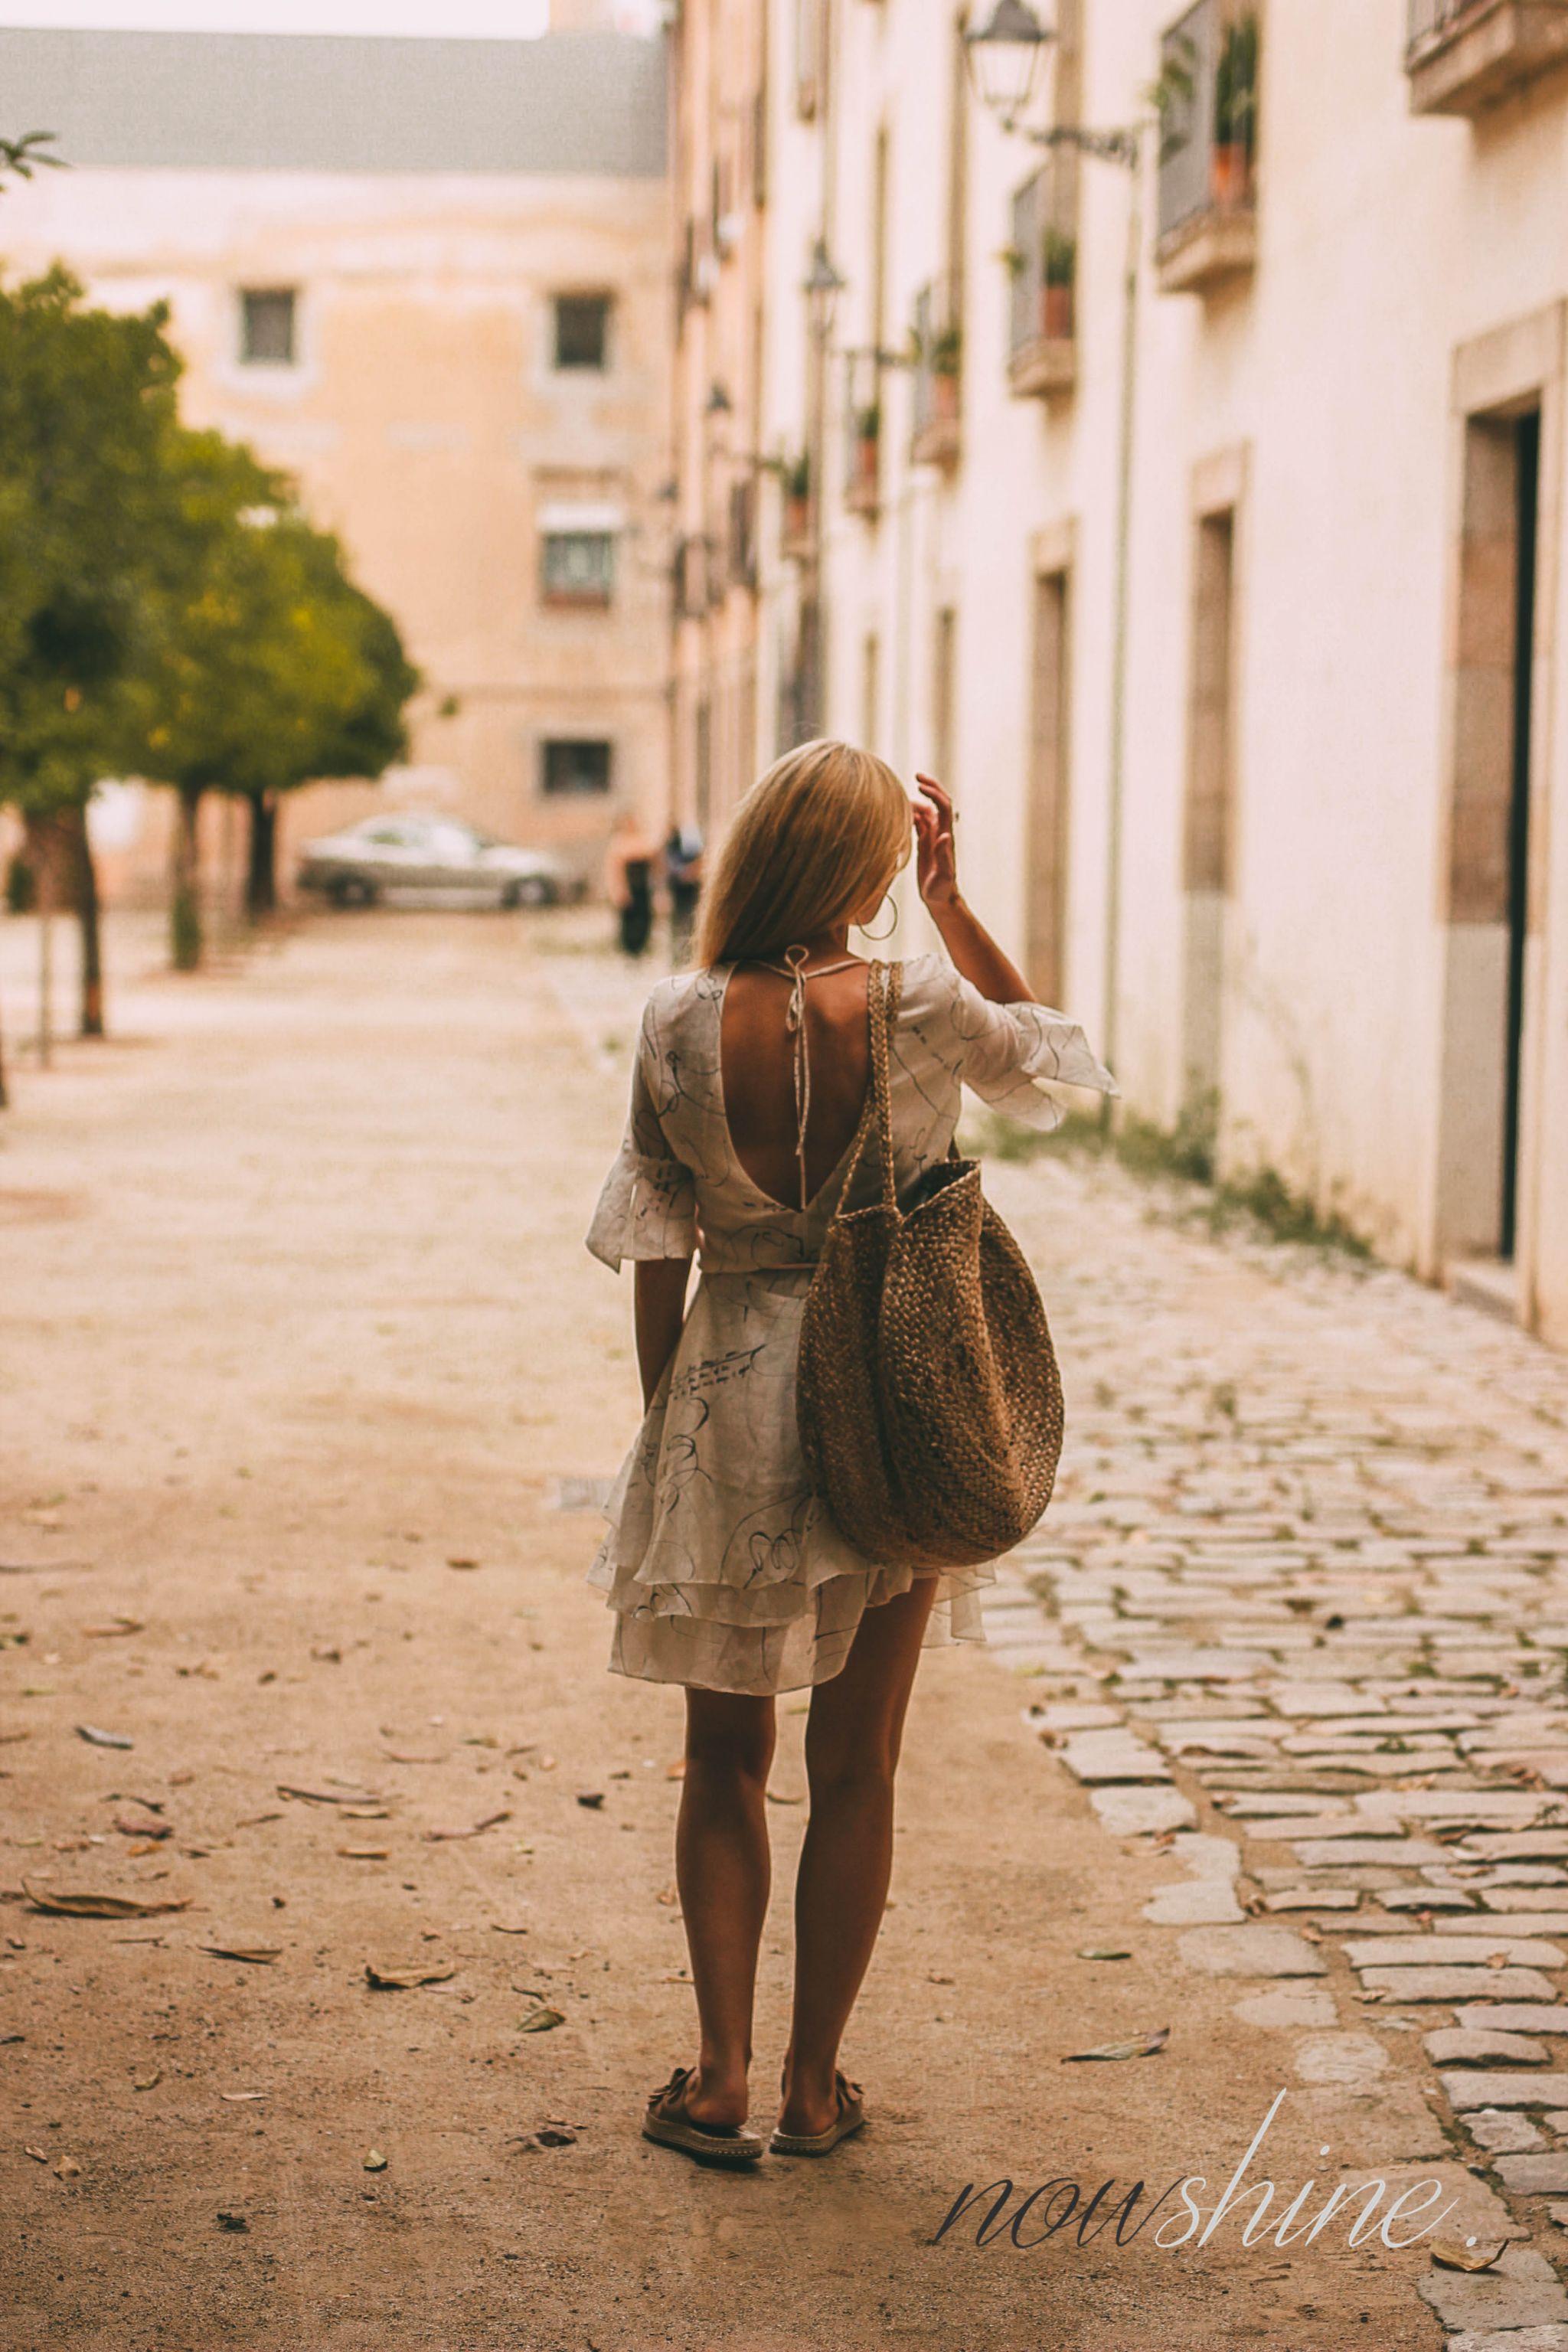 Kurztrip nach Barcelona - Nowshine Reisetipps - Kleid H&M Conscious Collection